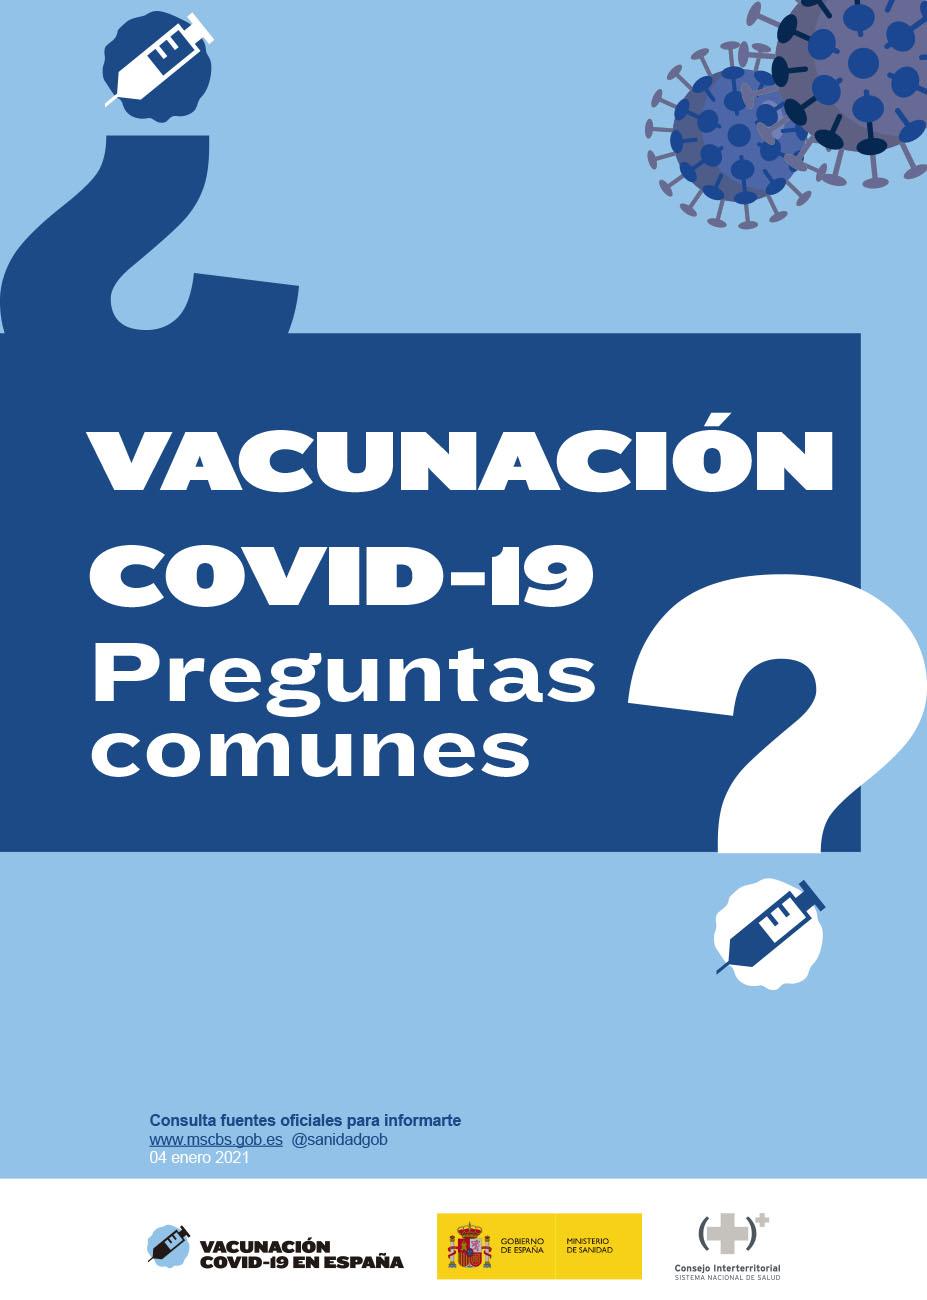 VACUNACION-COVID-19_PREGUNTAS-1